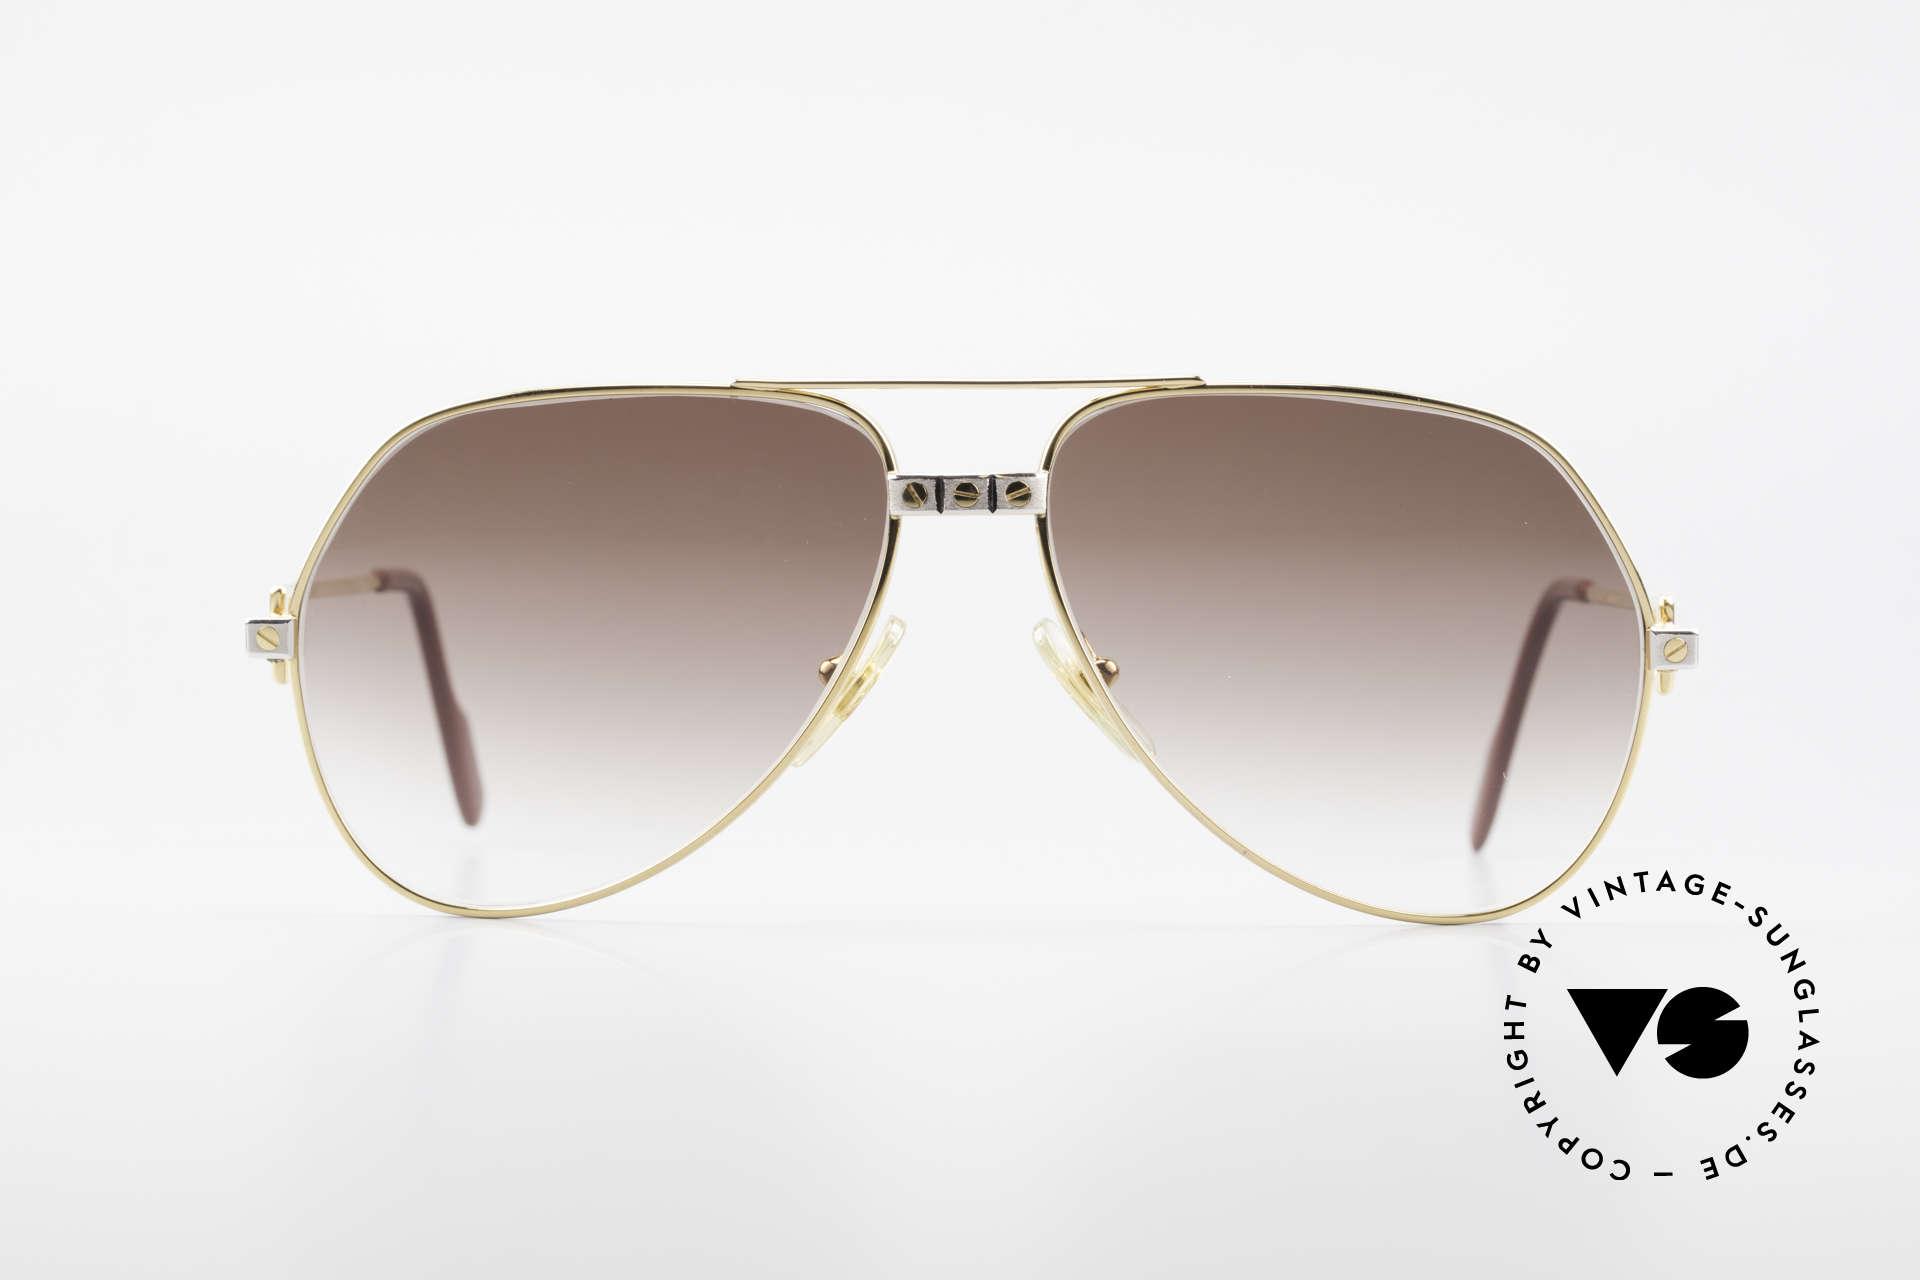 Cartier Vendome Santos - M Luxus Aviator Sonnenbrille, wurde 1983 veröffentlicht und dann bis 1997 produziert, Passend für Herren und Damen